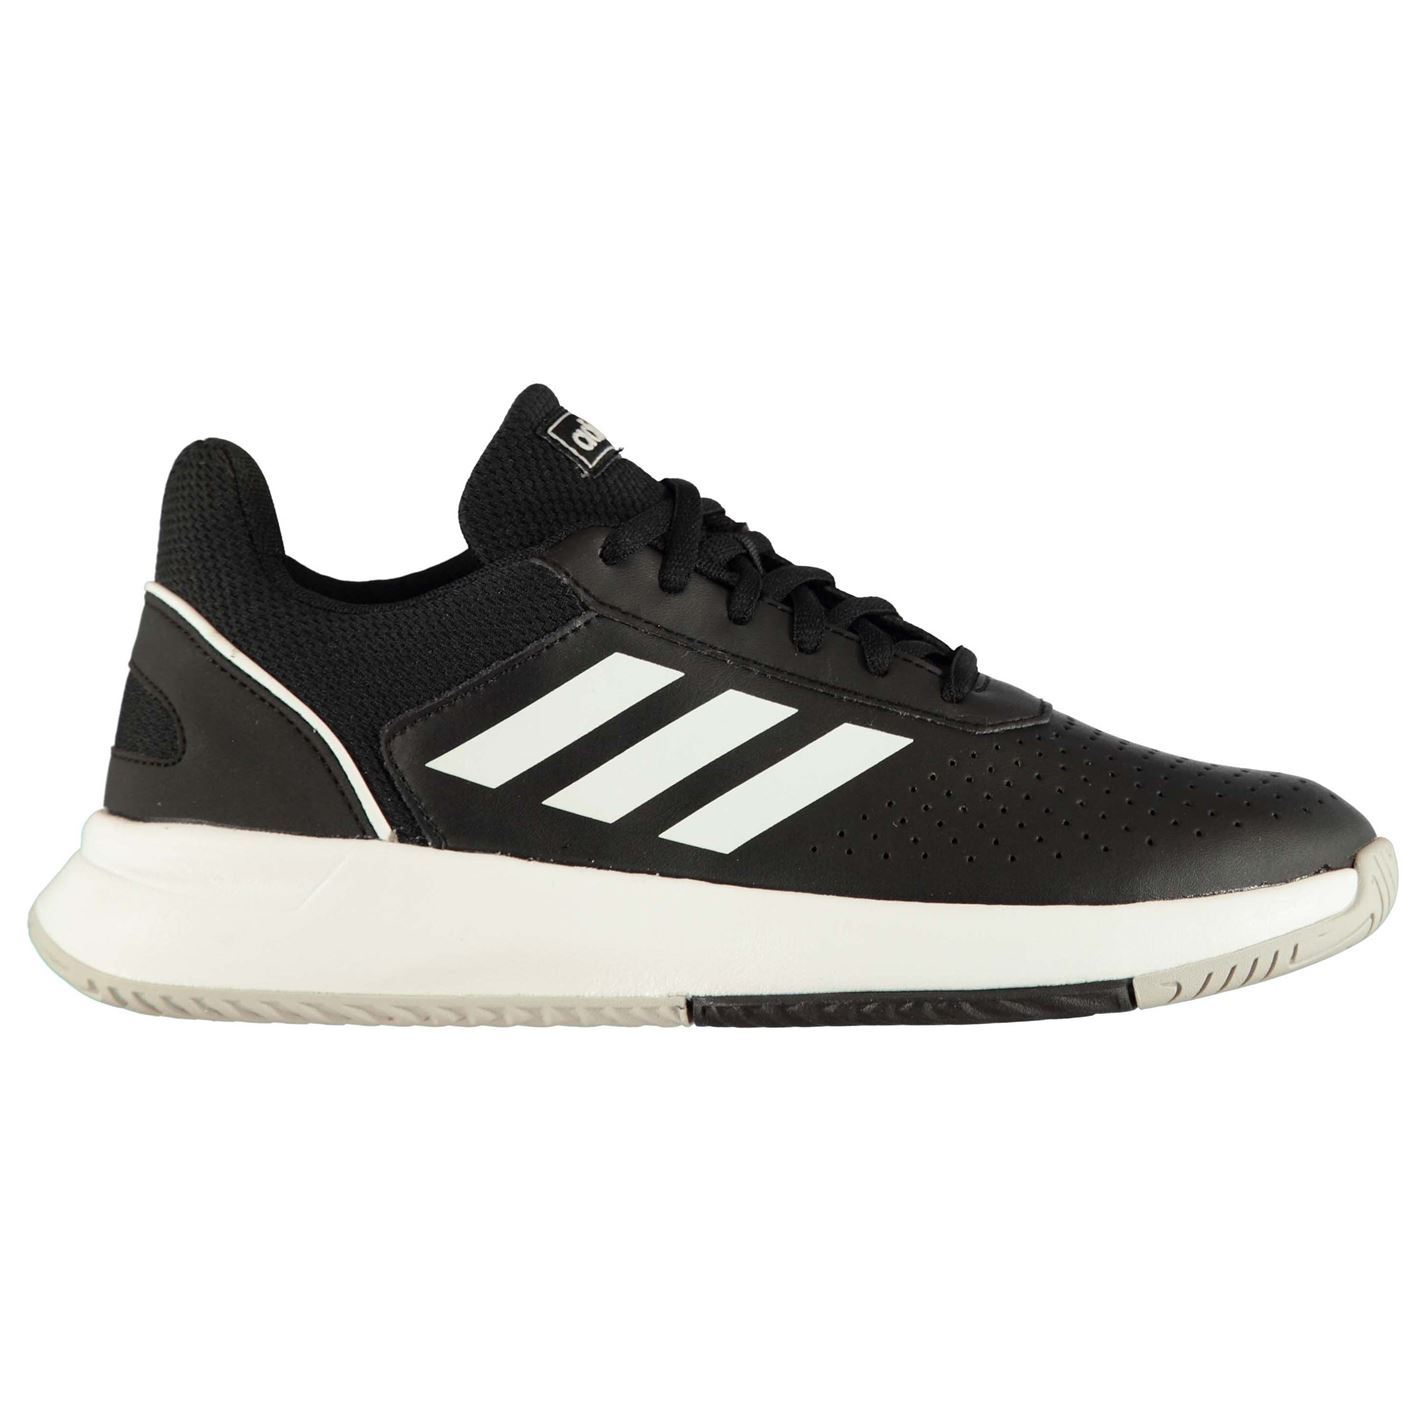 Adidas Courtsmash Courtsmash Courtsmash Tennisschuhe Mens Sport Schuhwerk Turnschuhe 77b0b9